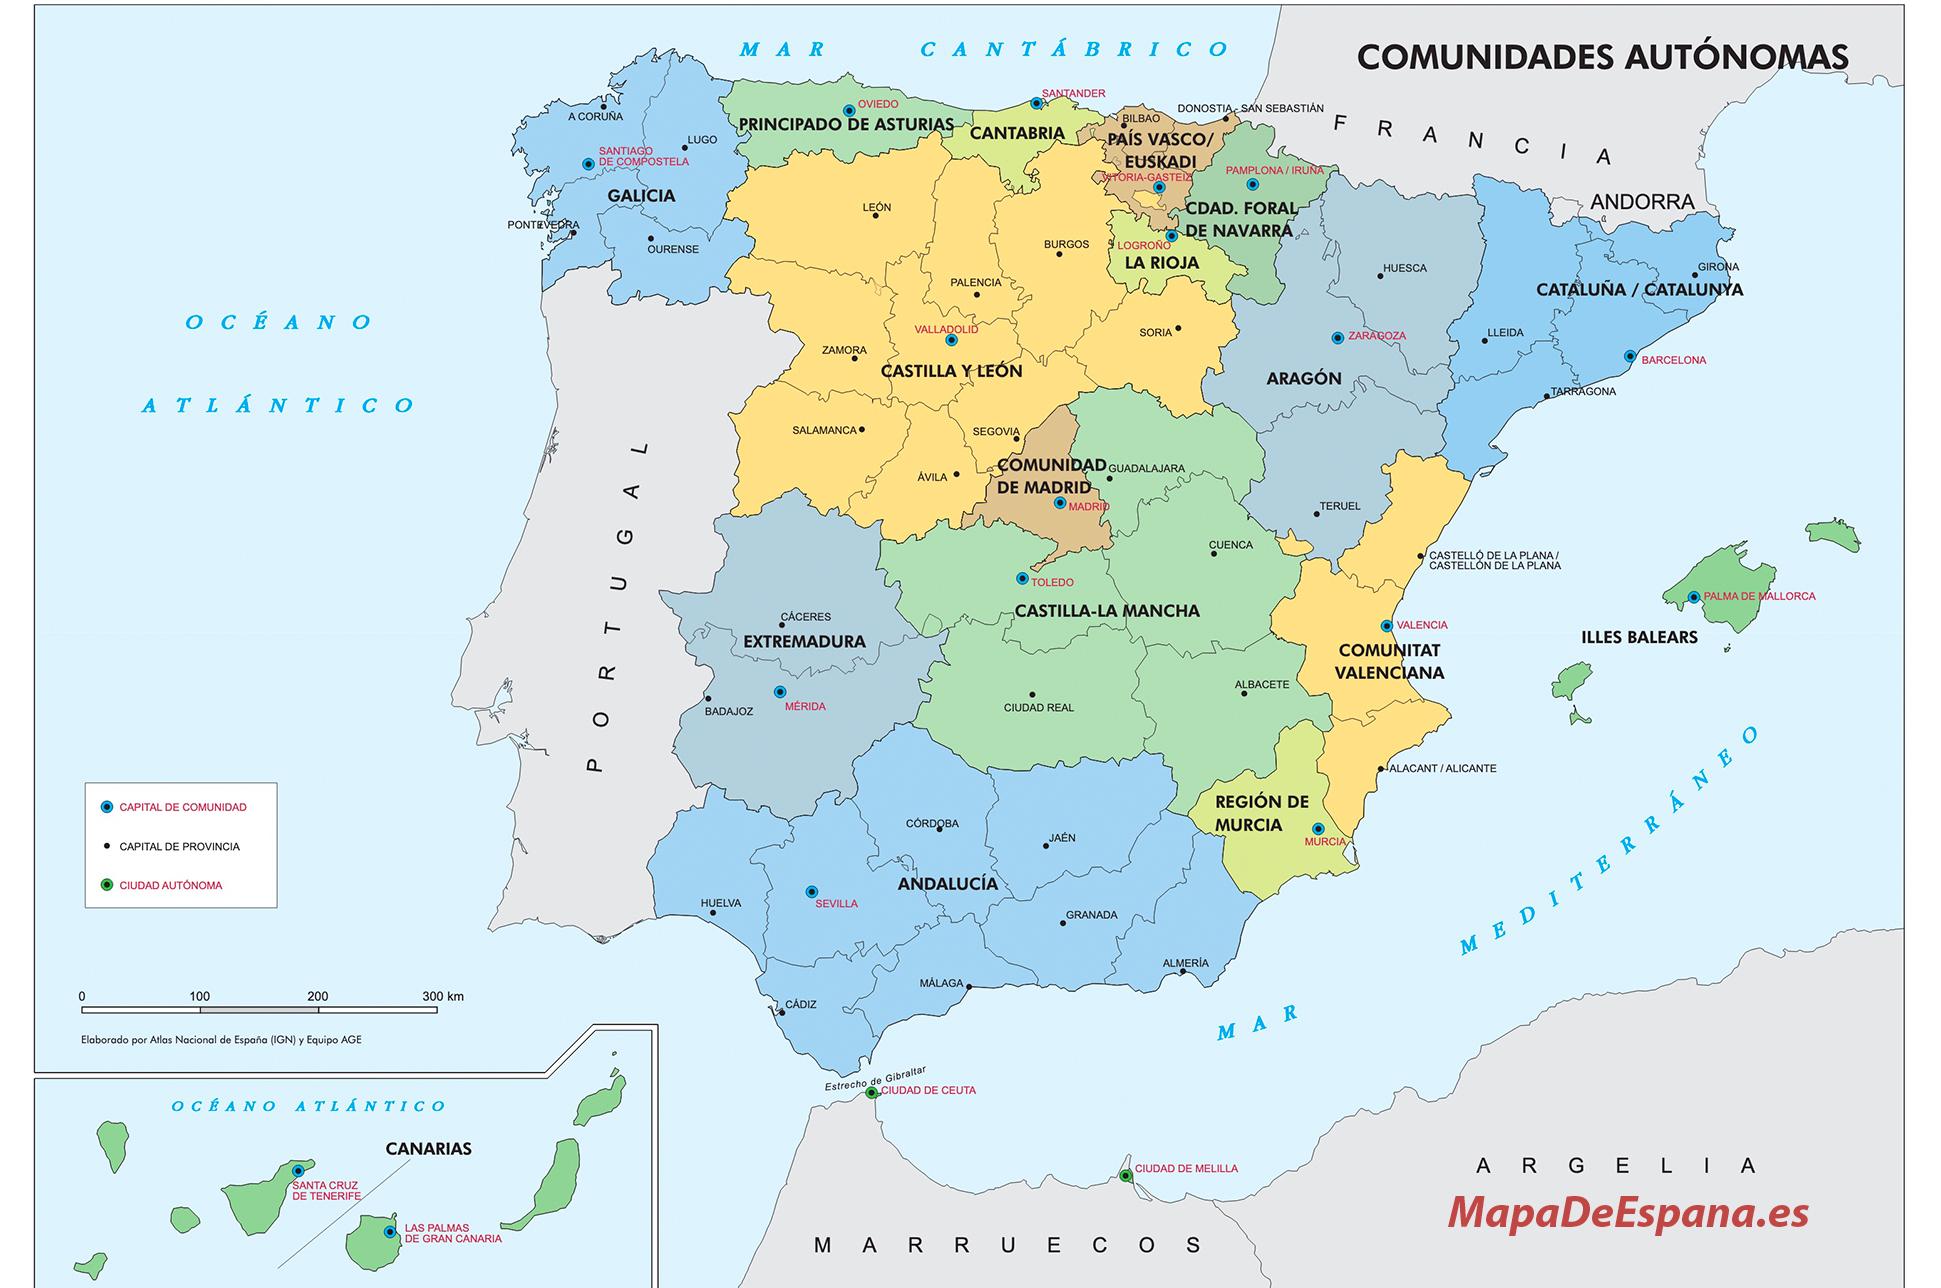 Mapa De Espana Pdf.Mapa De Espana Politico Fisico Y Mudo Listos Para Imprimir Actualizados